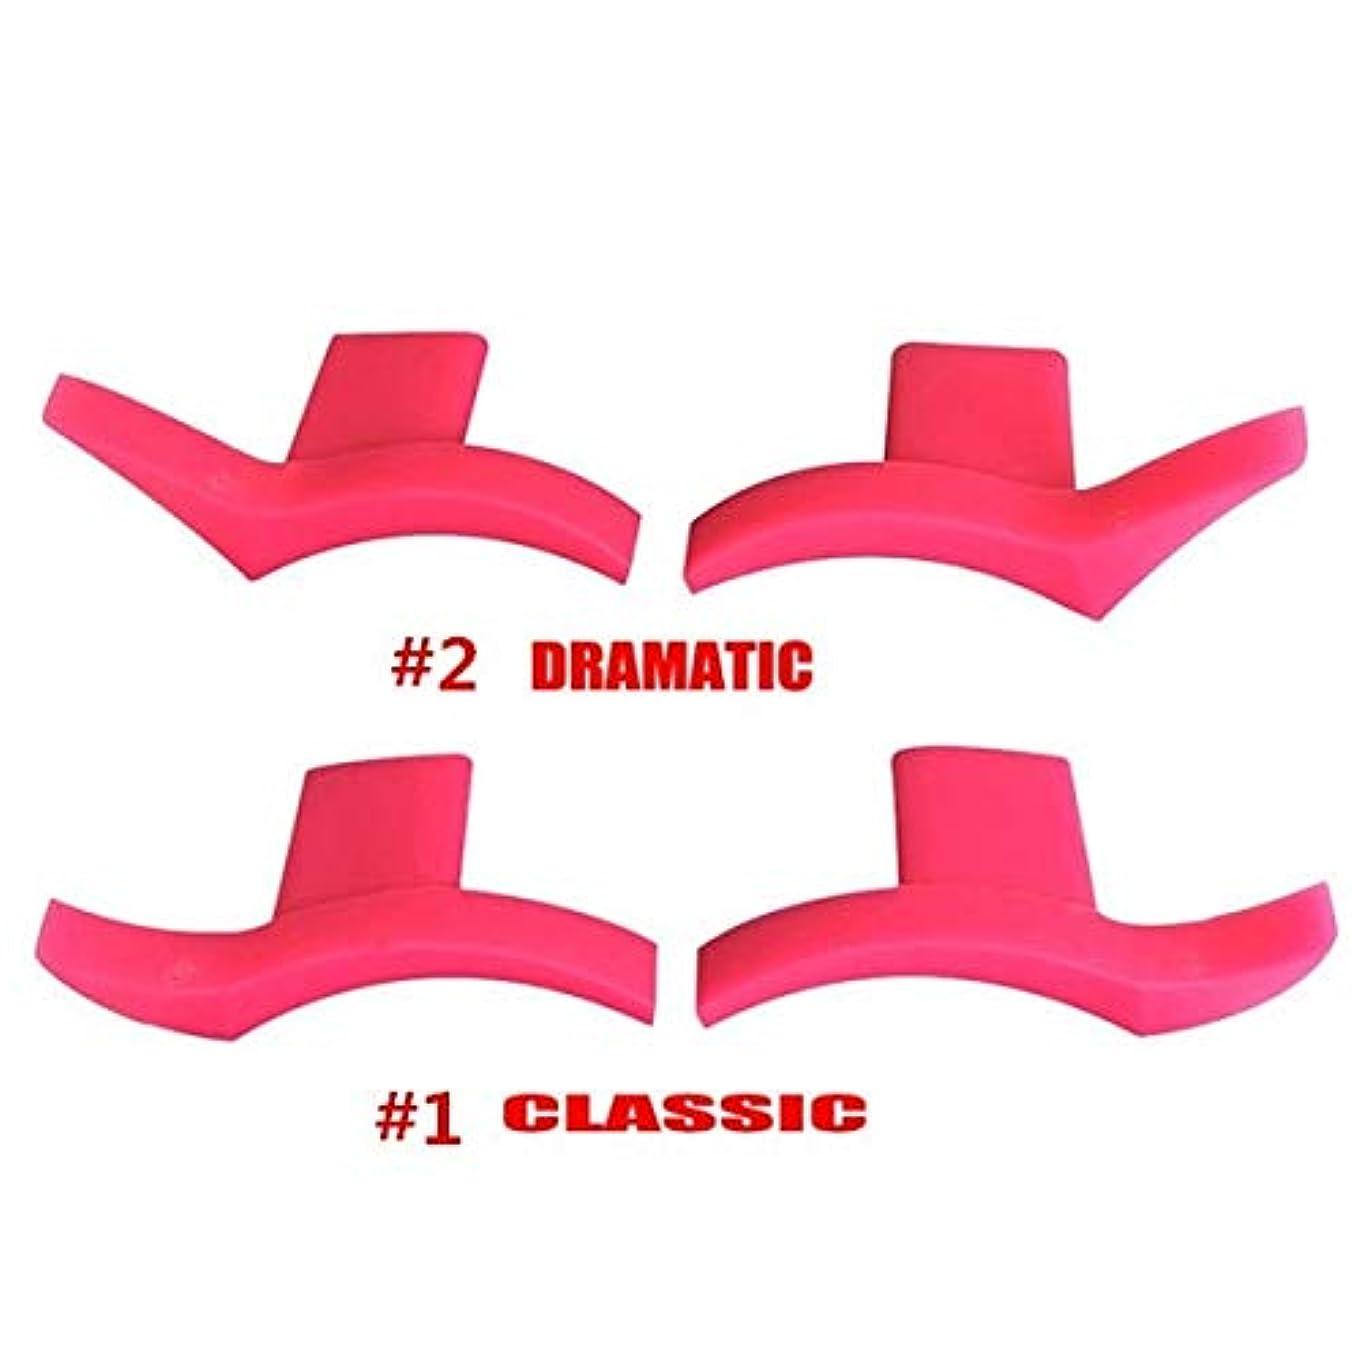 Semperole - 4本アイライナー金型翼は目ウィングリキッドアイライナーツール美容ポータブル化粧品[劇的+クラシック]を着やすいスタンプシール